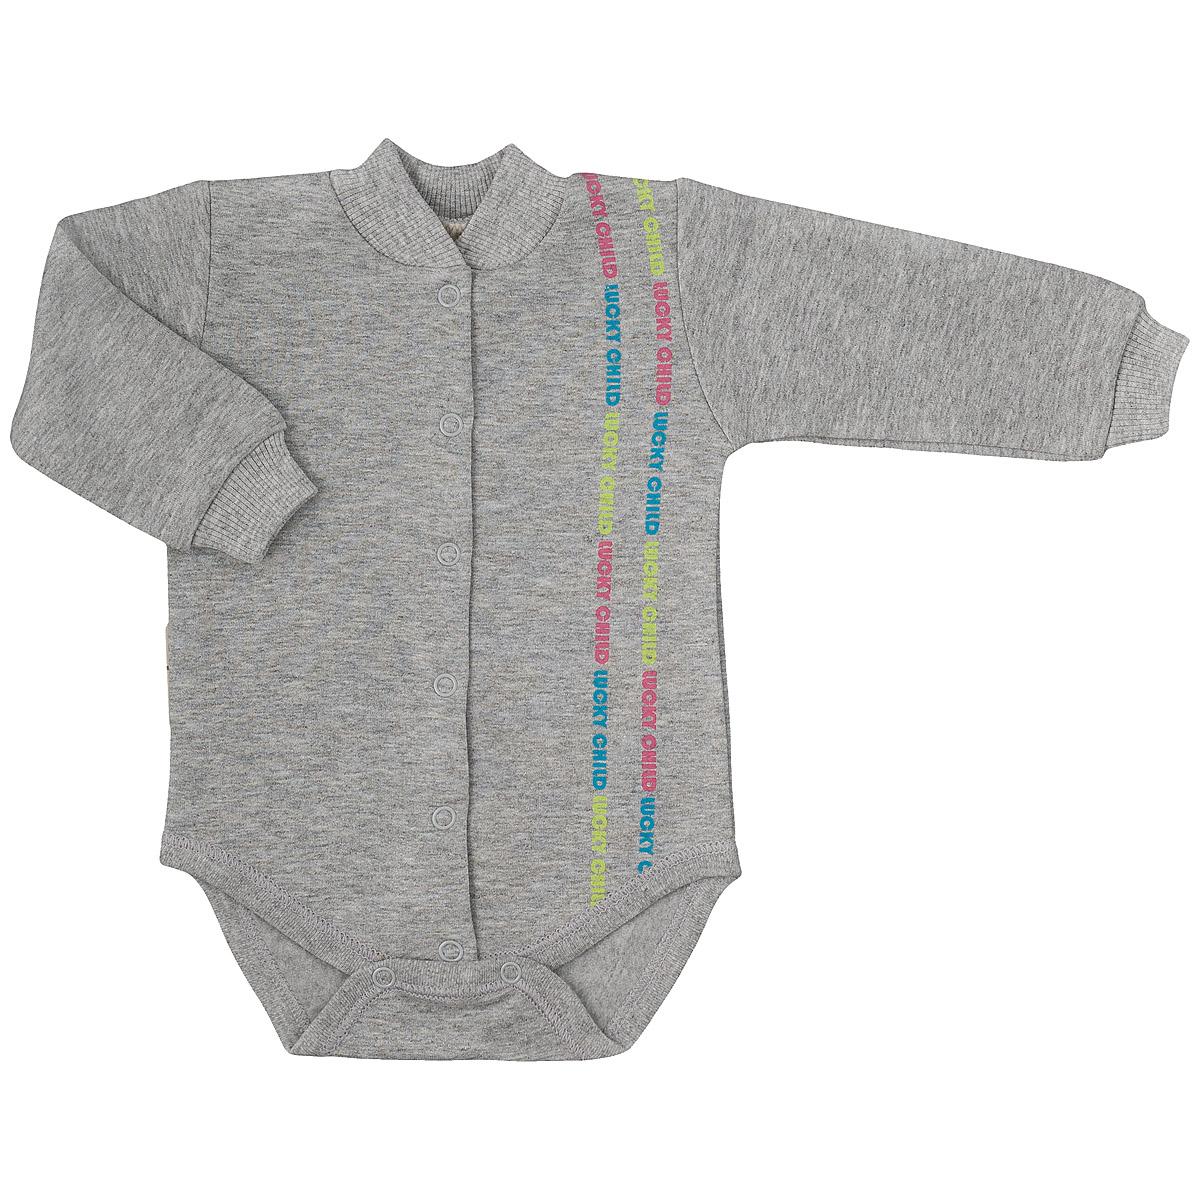 Боди детское. 1-61-6Детское боди Lucky Child с длинными рукавами послужит идеальным дополнением к гардеробу малыша, обеспечивая ему наибольший комфорт. Боди изготовлено из интерлока - натурального хлопка, благодаря чему оно необычайно мягкое и легкое, не раздражает нежную кожу ребенка и хорошо вентилируется, а эластичные швы приятны телу малыша и не препятствуют его движениям. Удобные застежки-кнопки спереди по всей длине и на ластовице помогают легко переодеть младенца и сменить подгузник. Боди спереди оформлено принтом в виде разноцветных надписей Lucky Child. Рукава дополнены эластичными трикотажными манжетами. Боди полностью соответствует особенностям жизни малыша в ранний период, не стесняя и не ограничивая его в движениях. В нем ваш ребенок всегда будет в центре внимания.